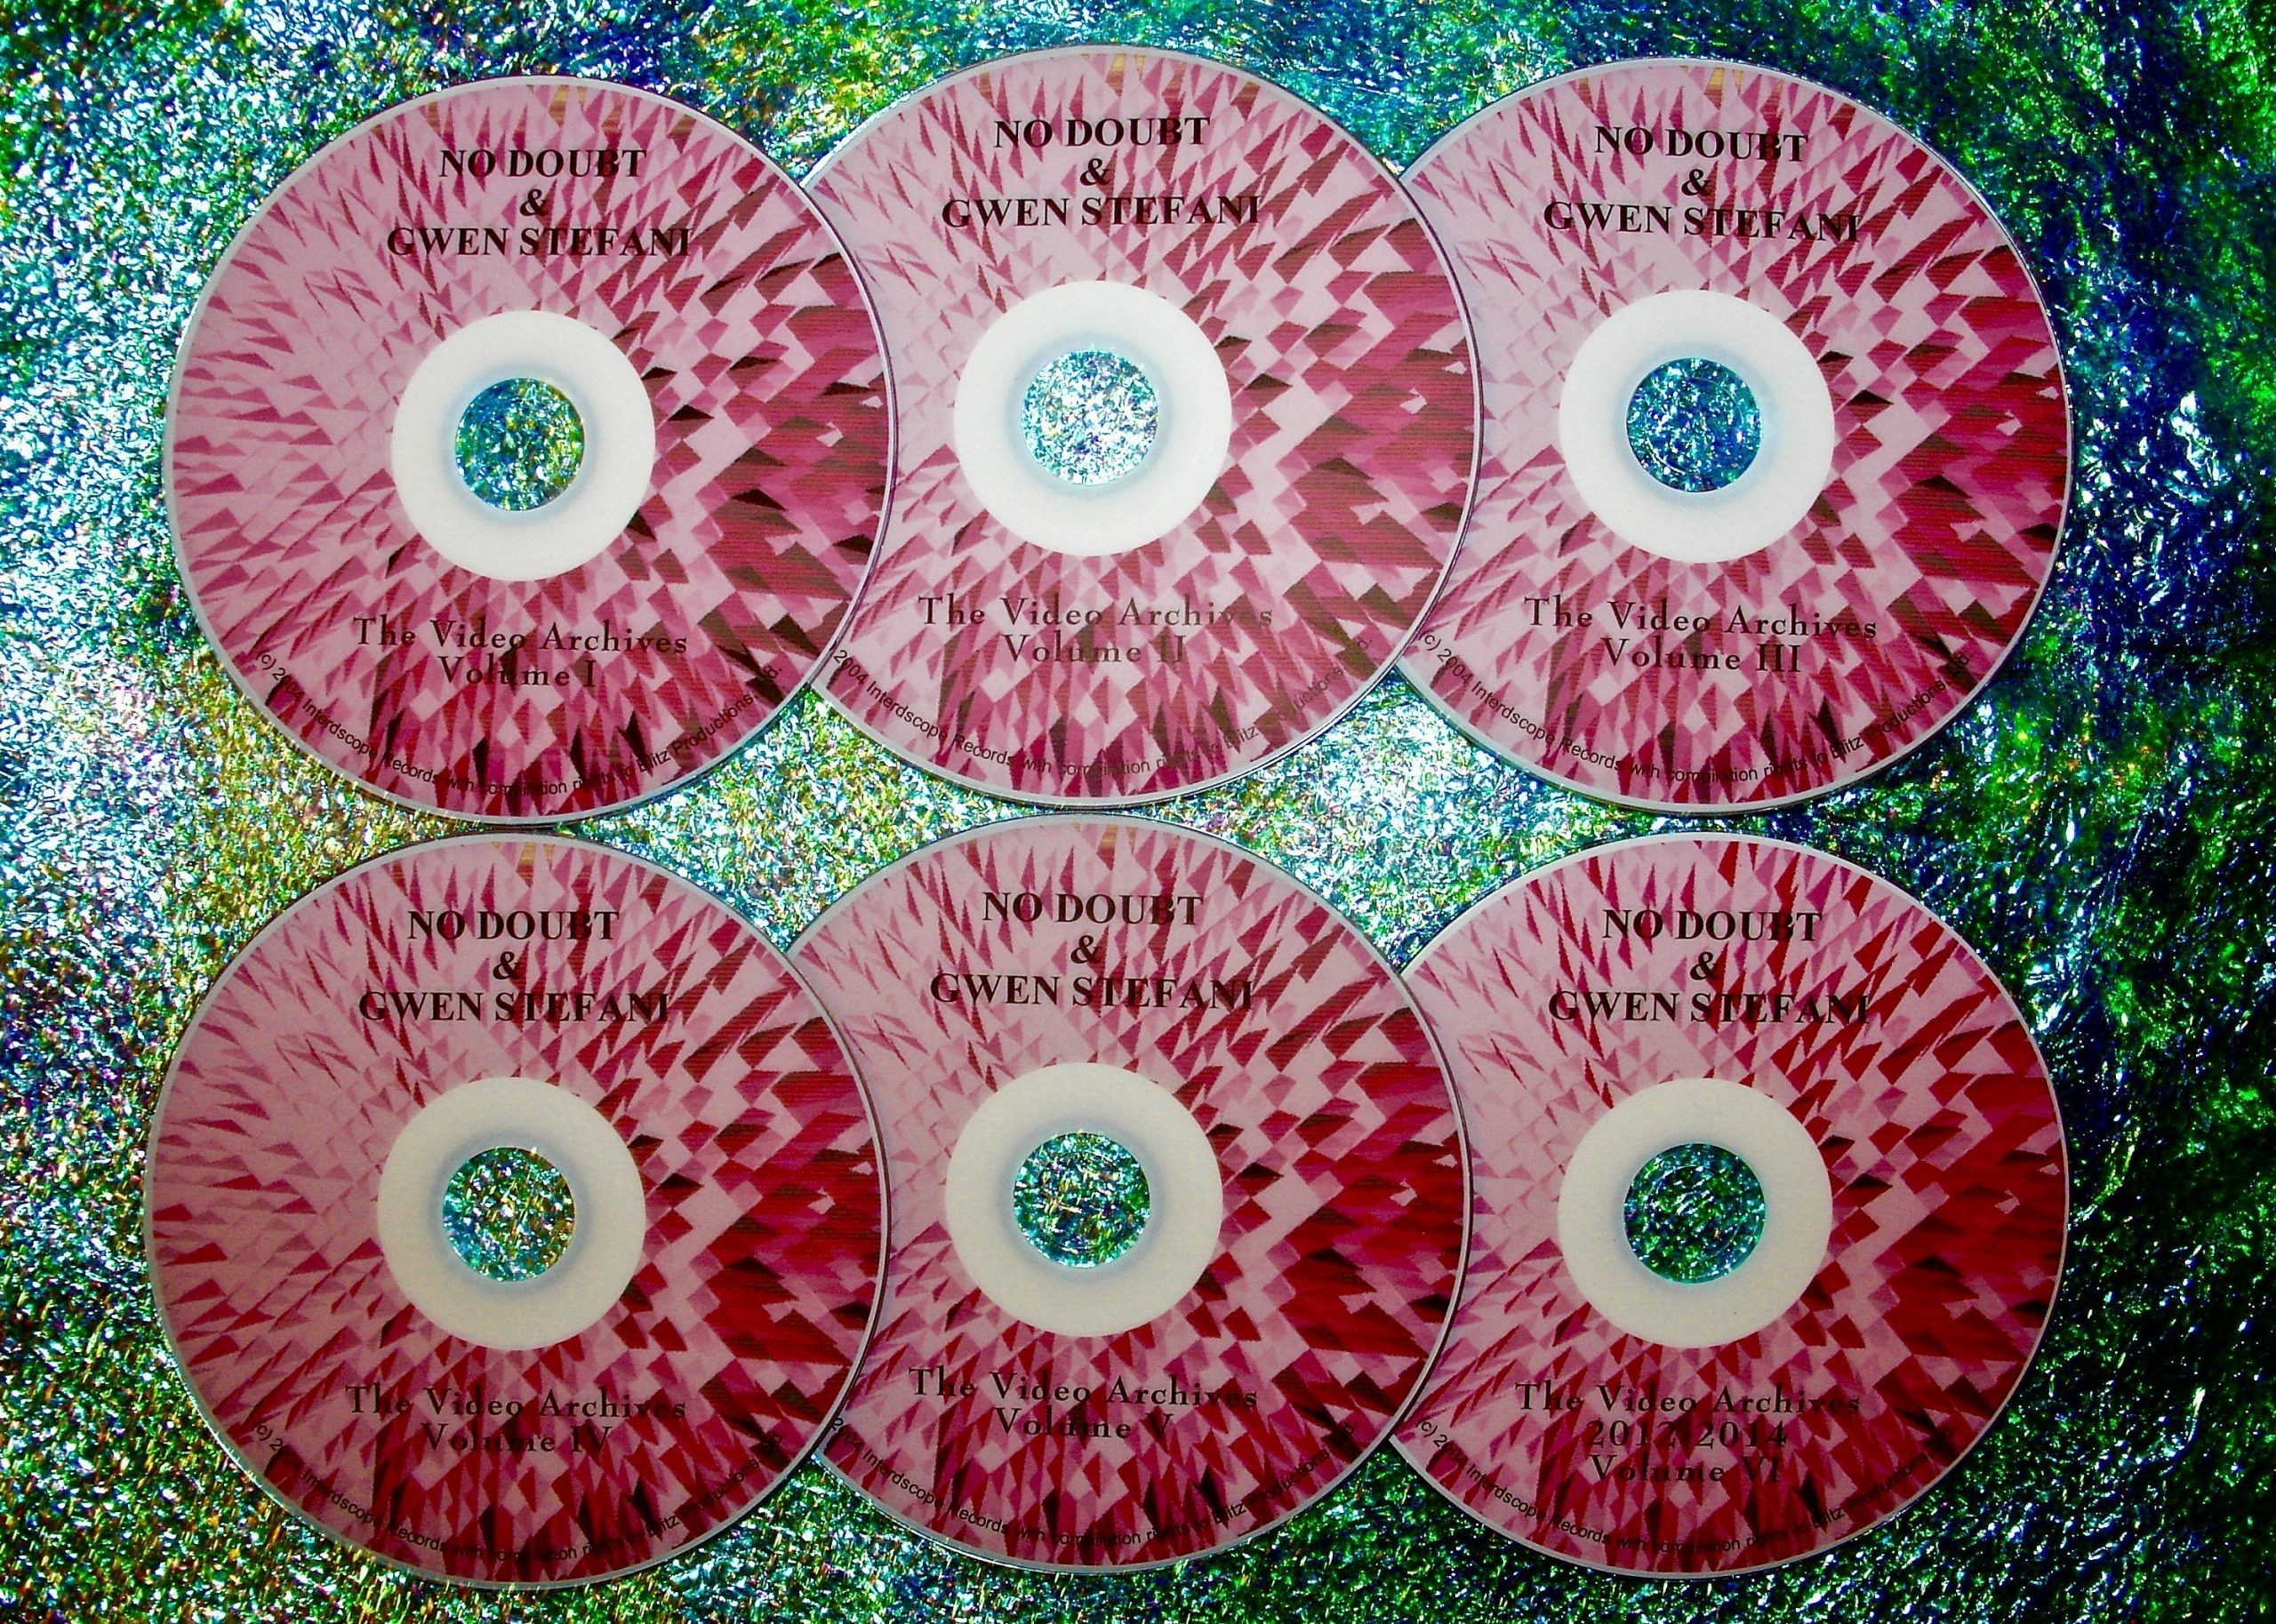 No Doubt / Gwen Stefani Video Archives 1996-2014 (6 DVD Set 12 Hours)